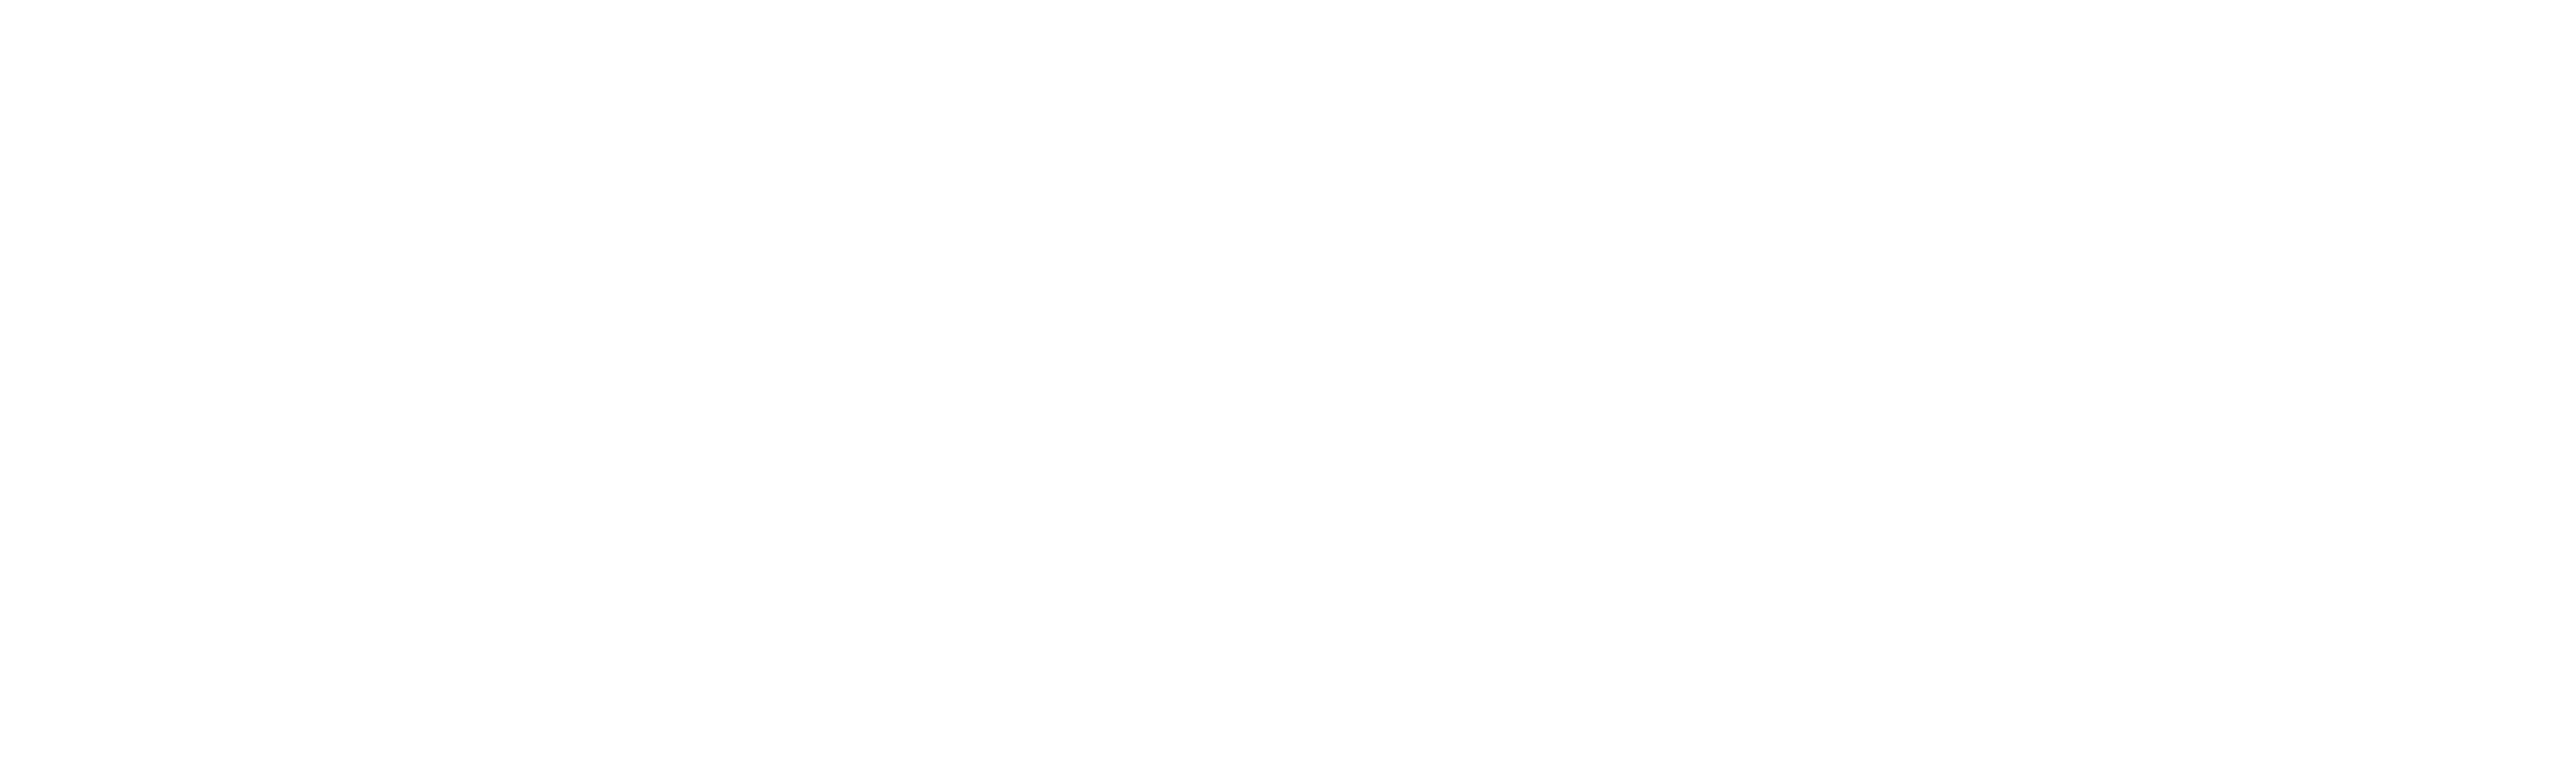 Weißes Logo der SAVISCON GmbH